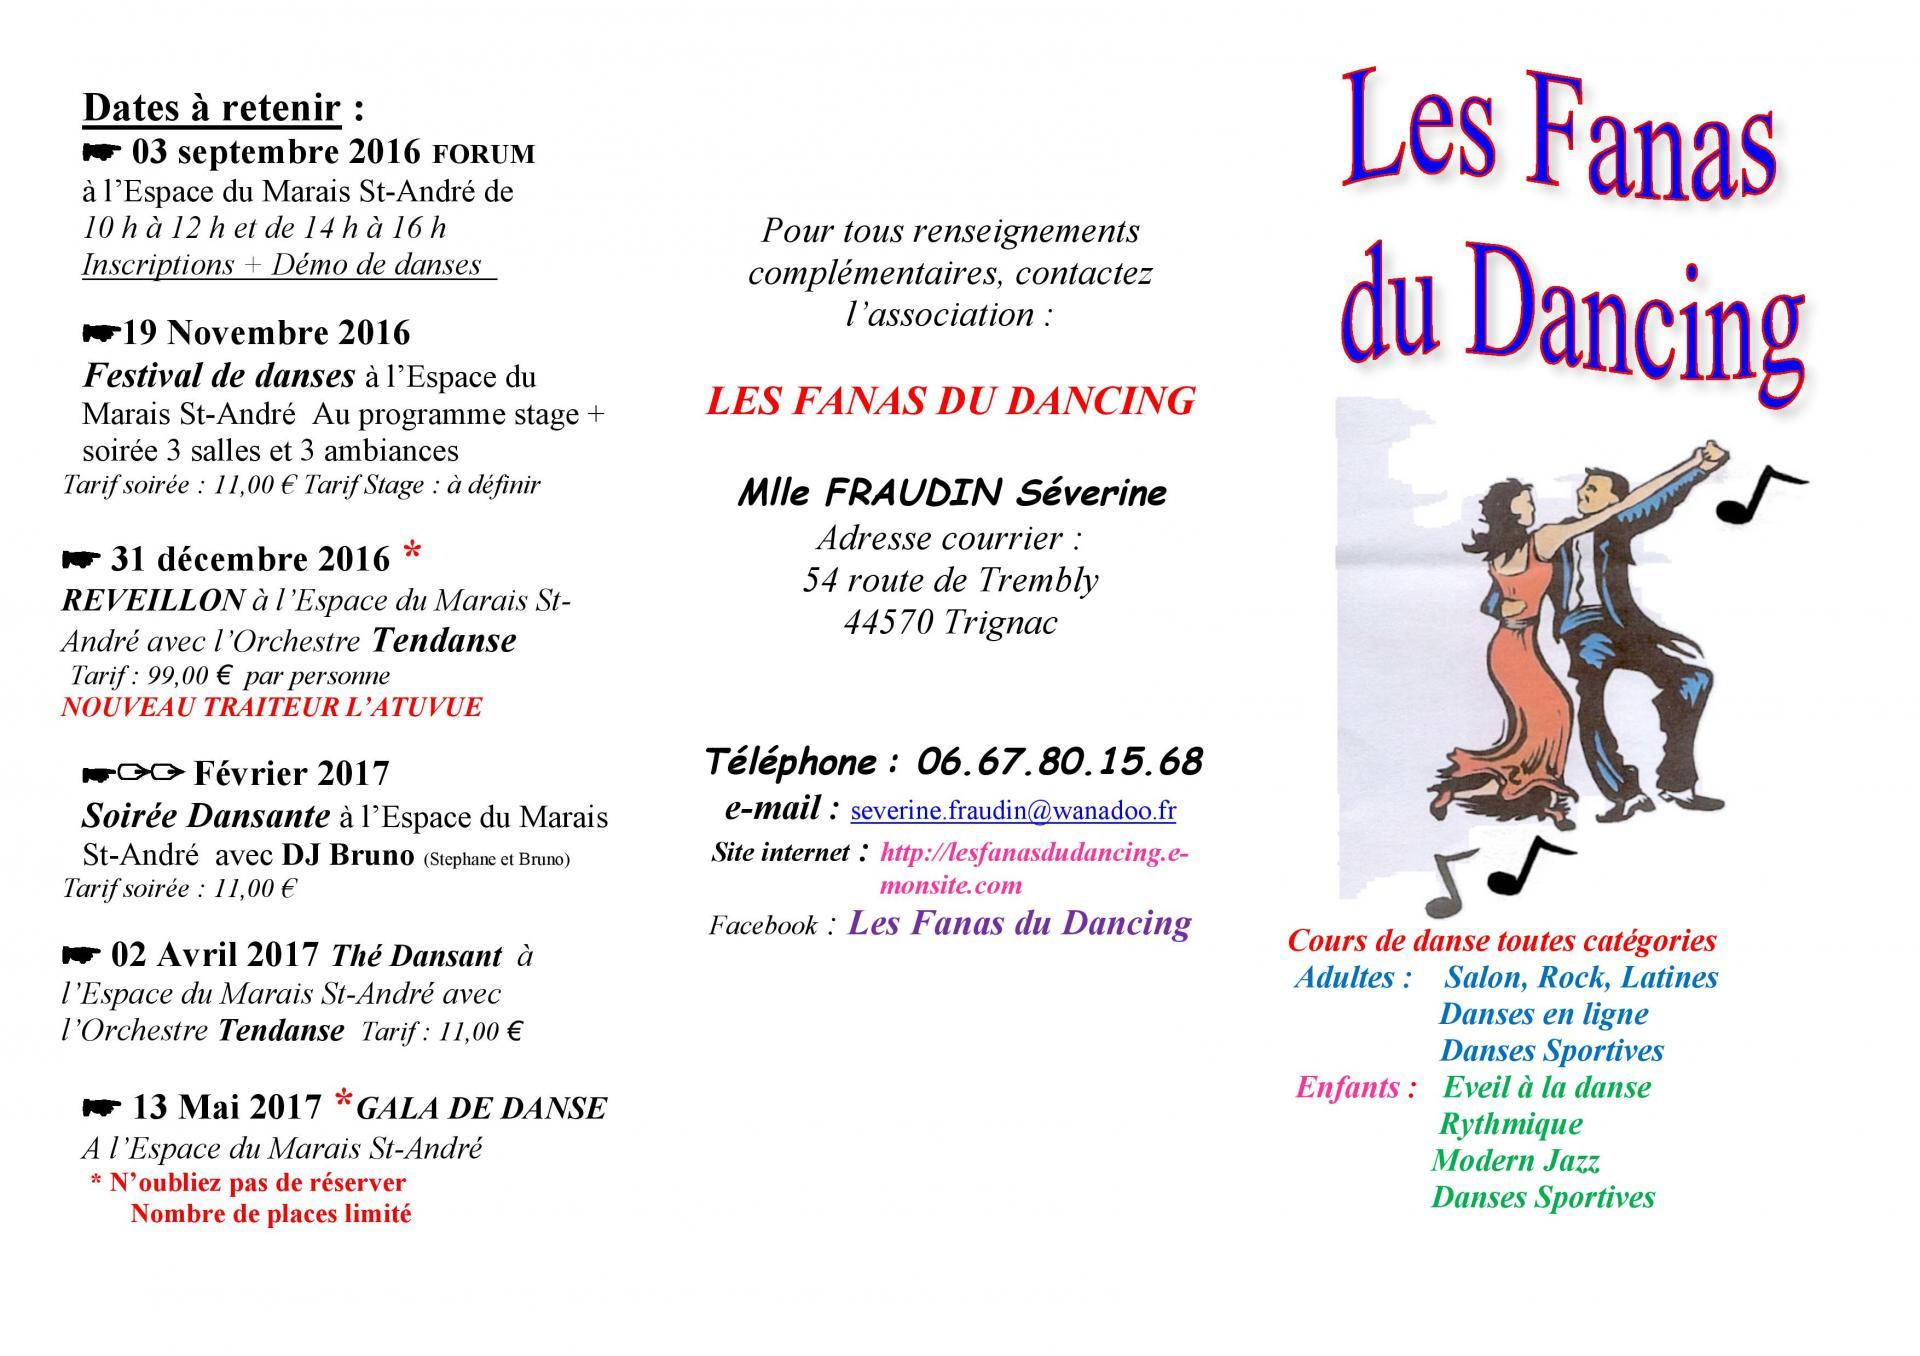 Plaquette fanas du dancing cours 2016 2017 page 001